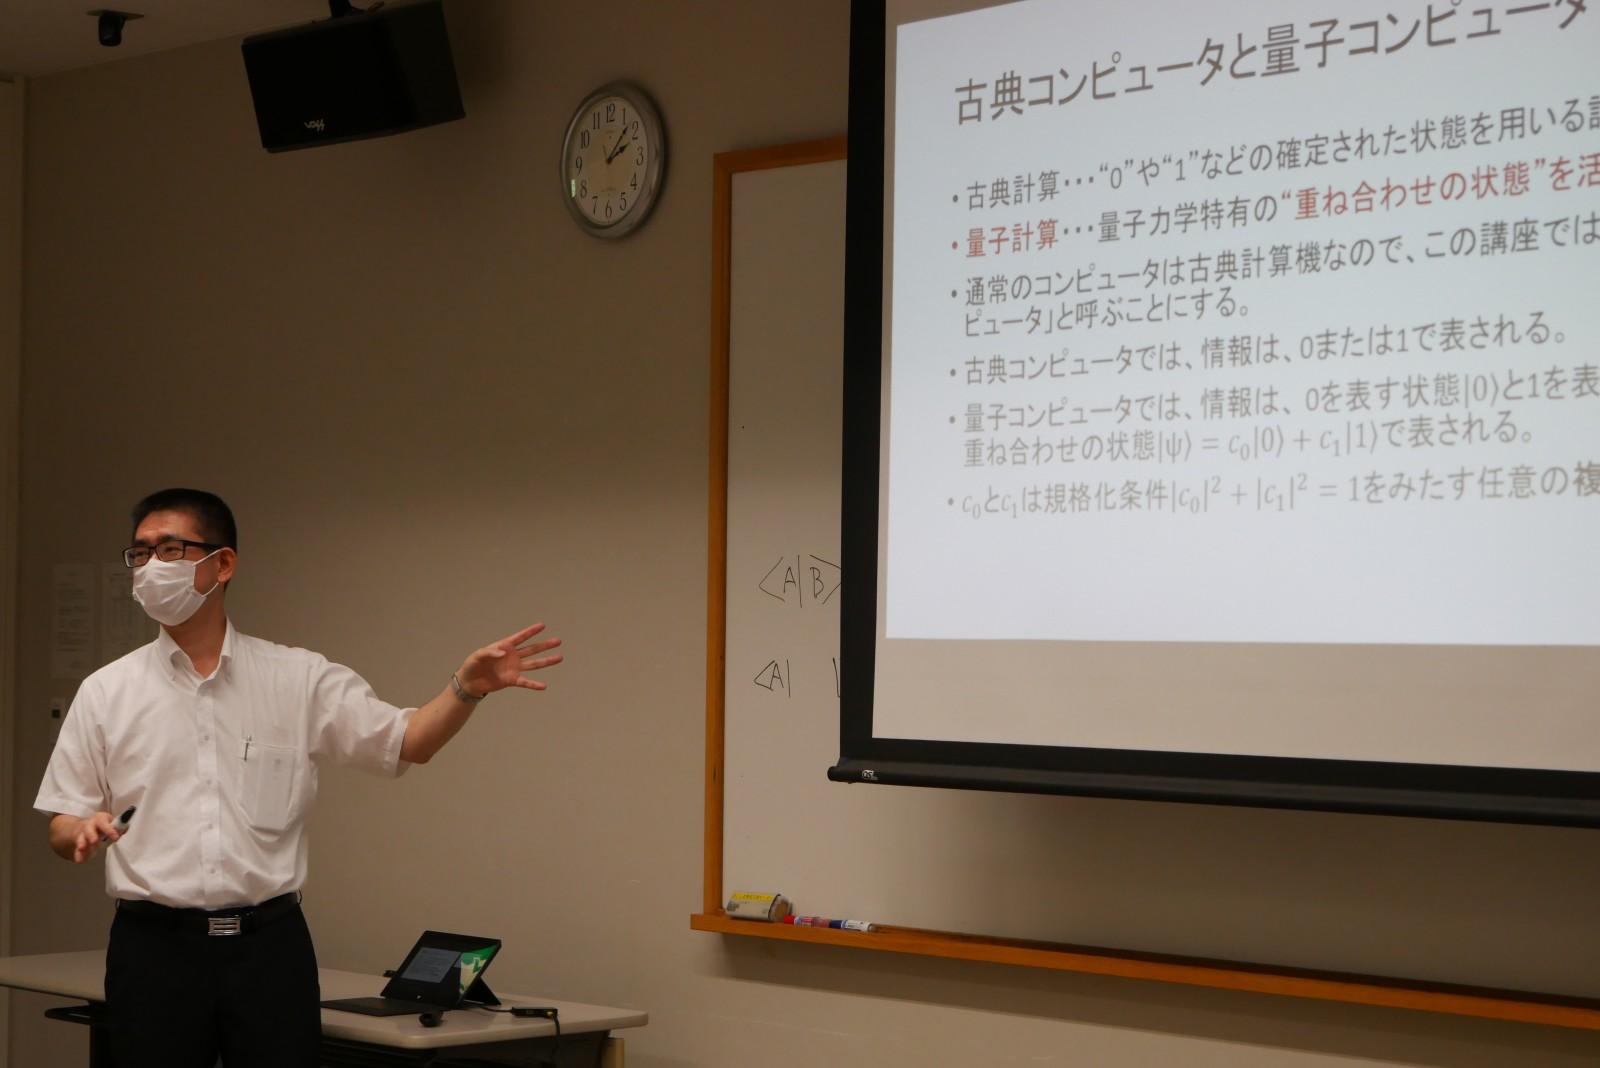 -200907_古川先生公開講座総括-